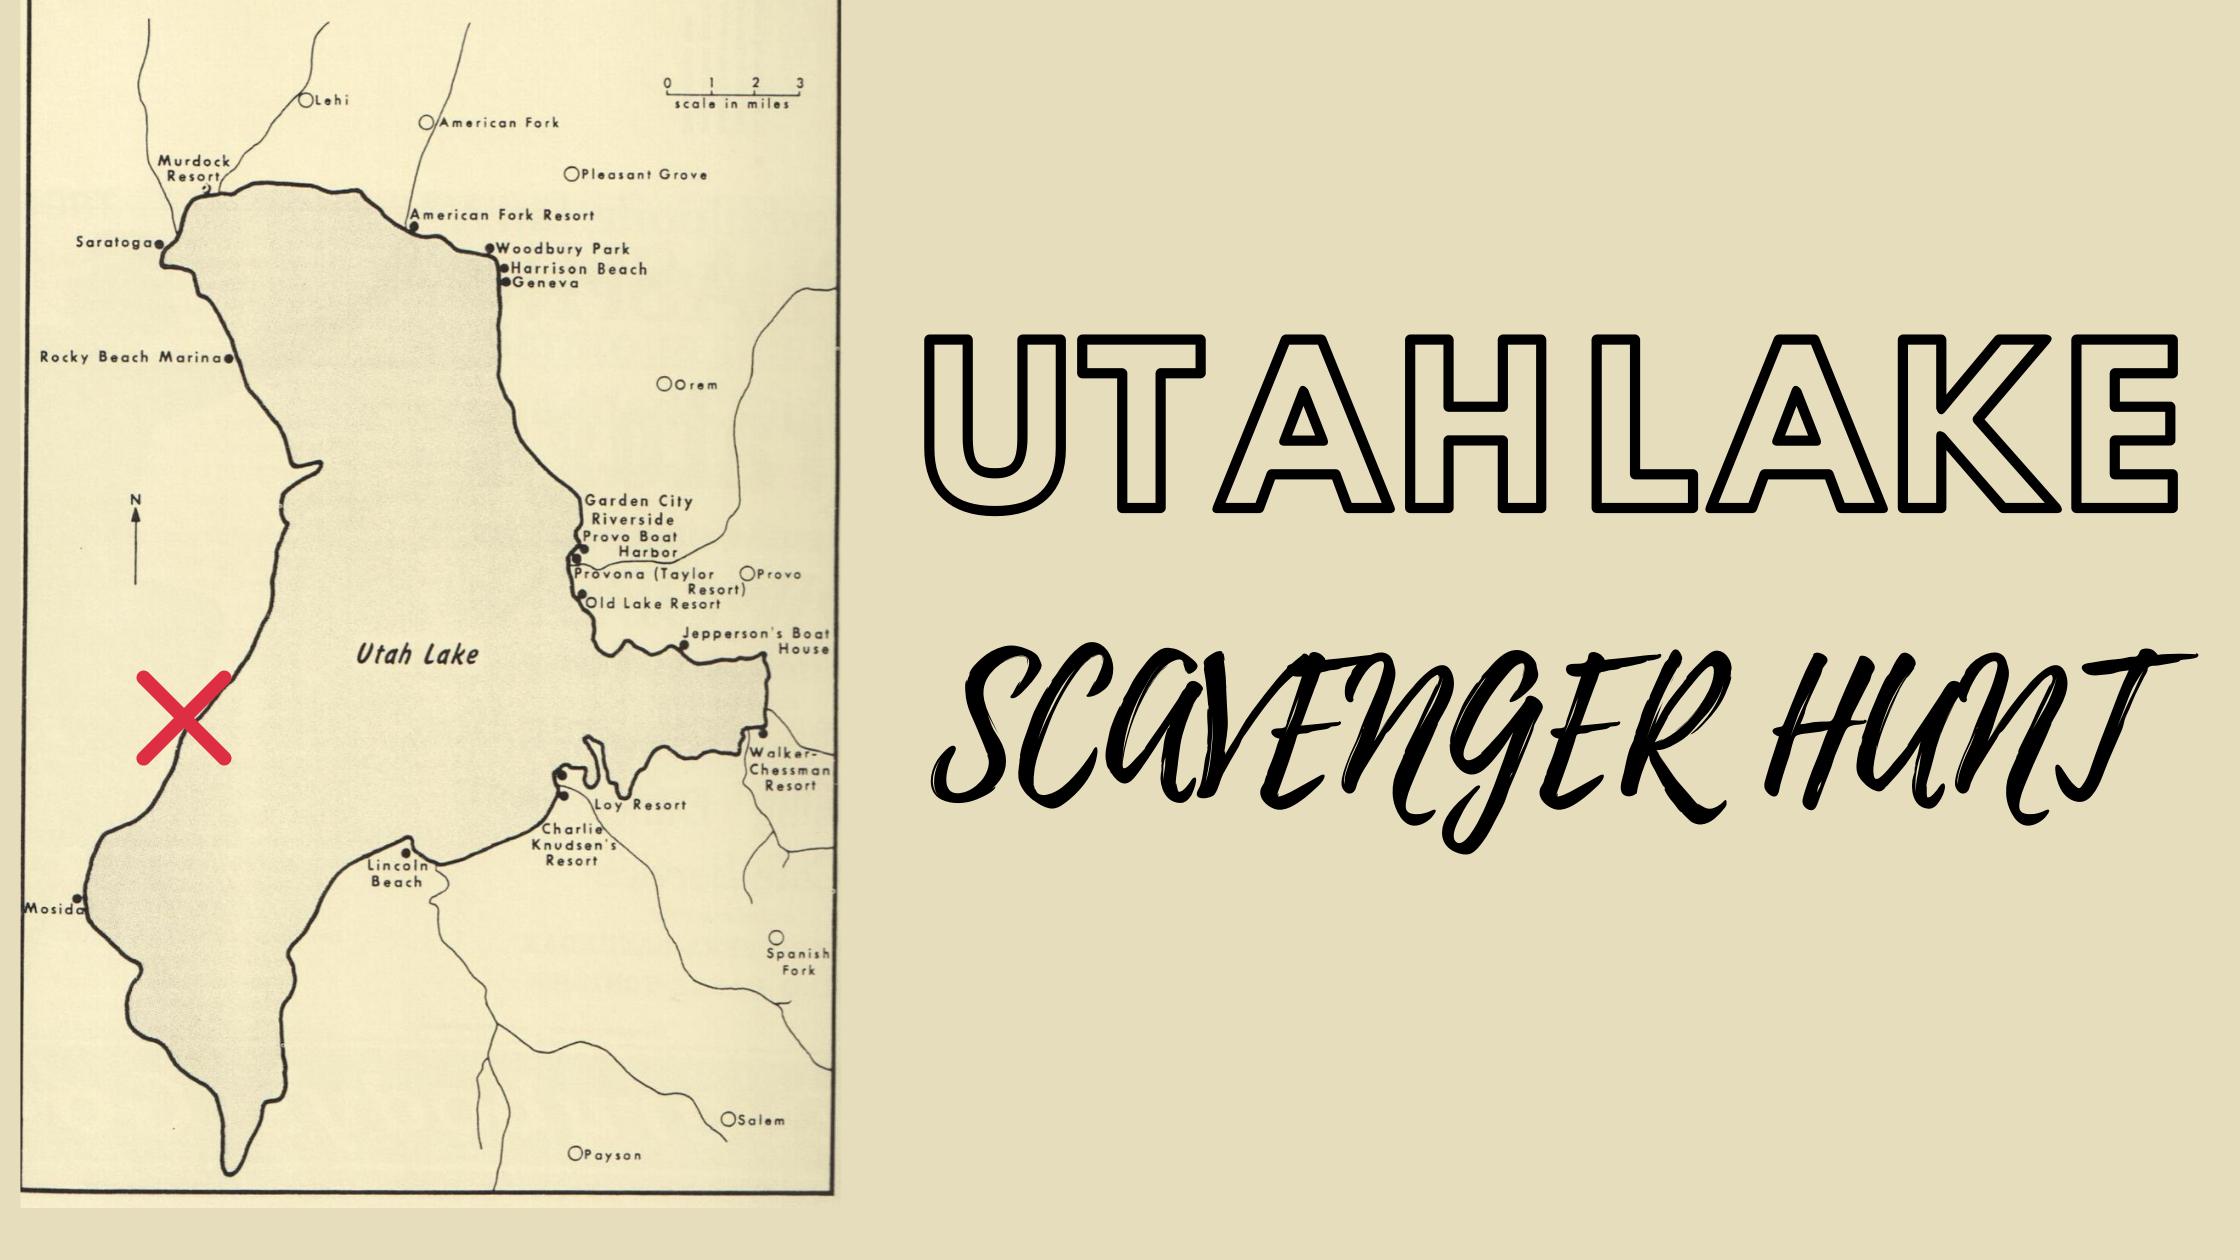 Utah Lake Scavenger Hunt